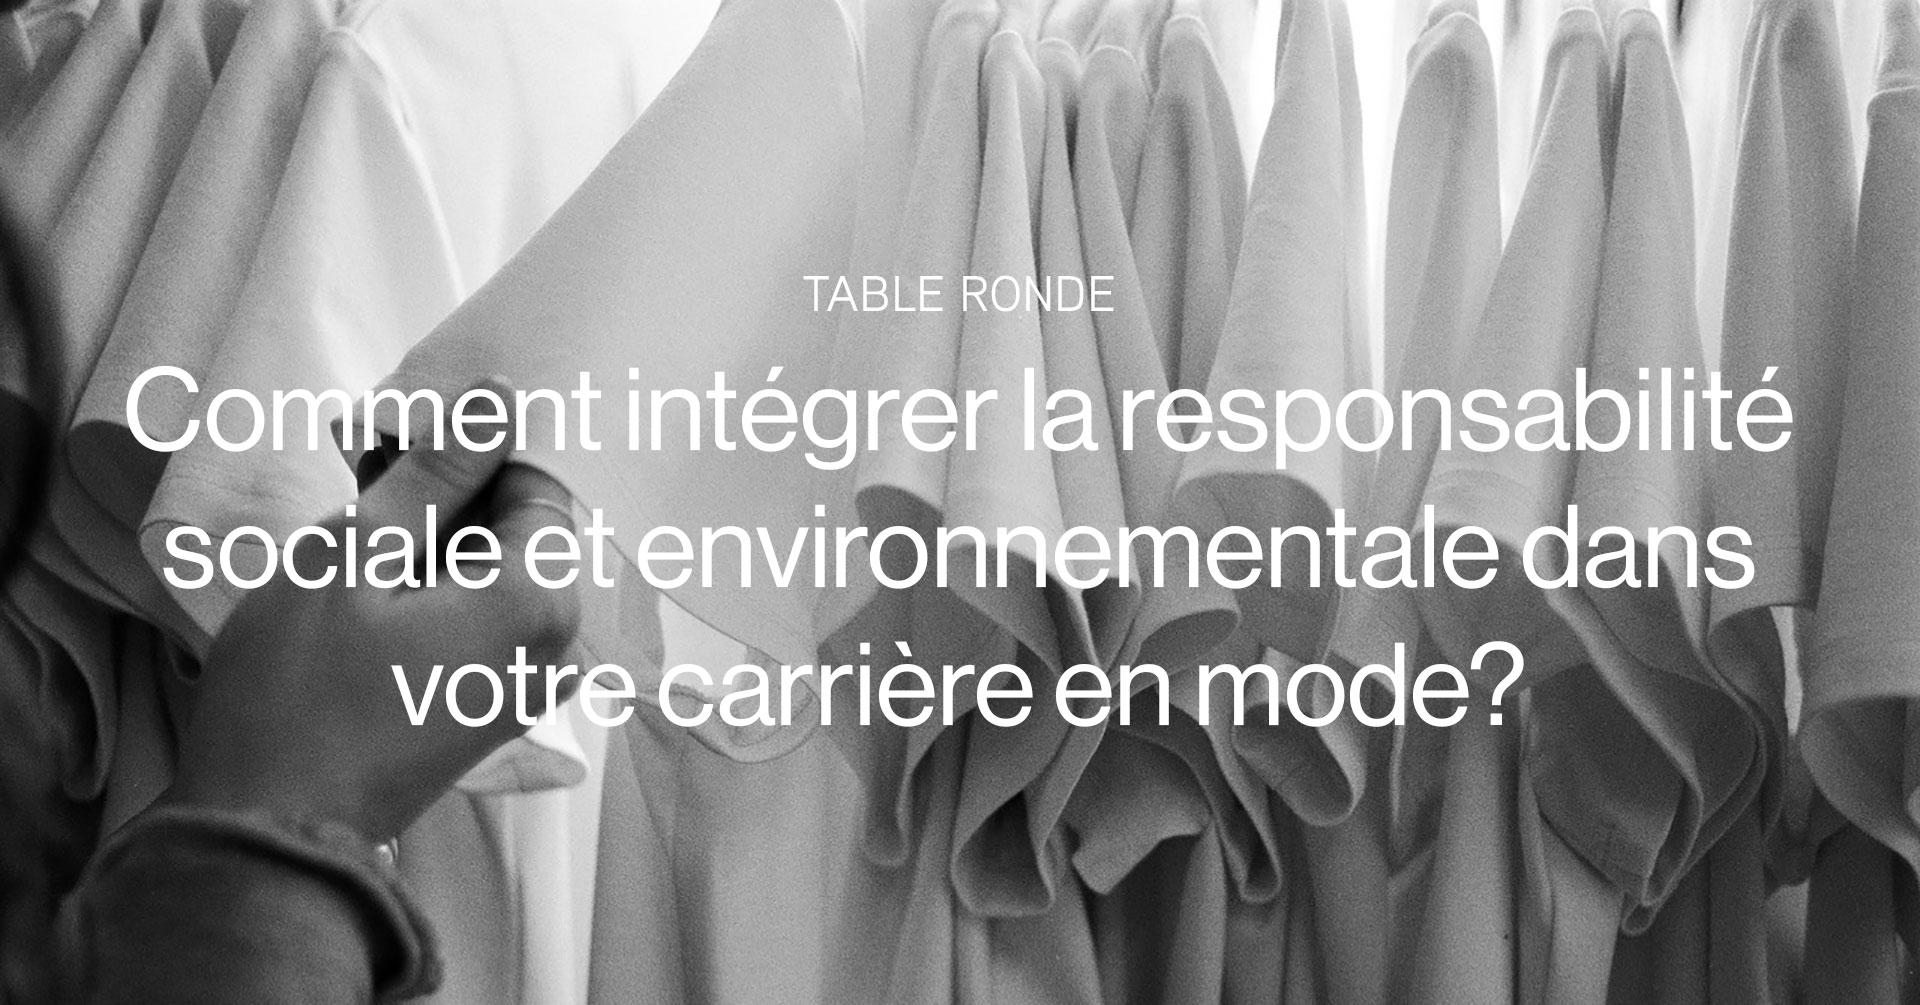 Table Ronde sur la mode éthique